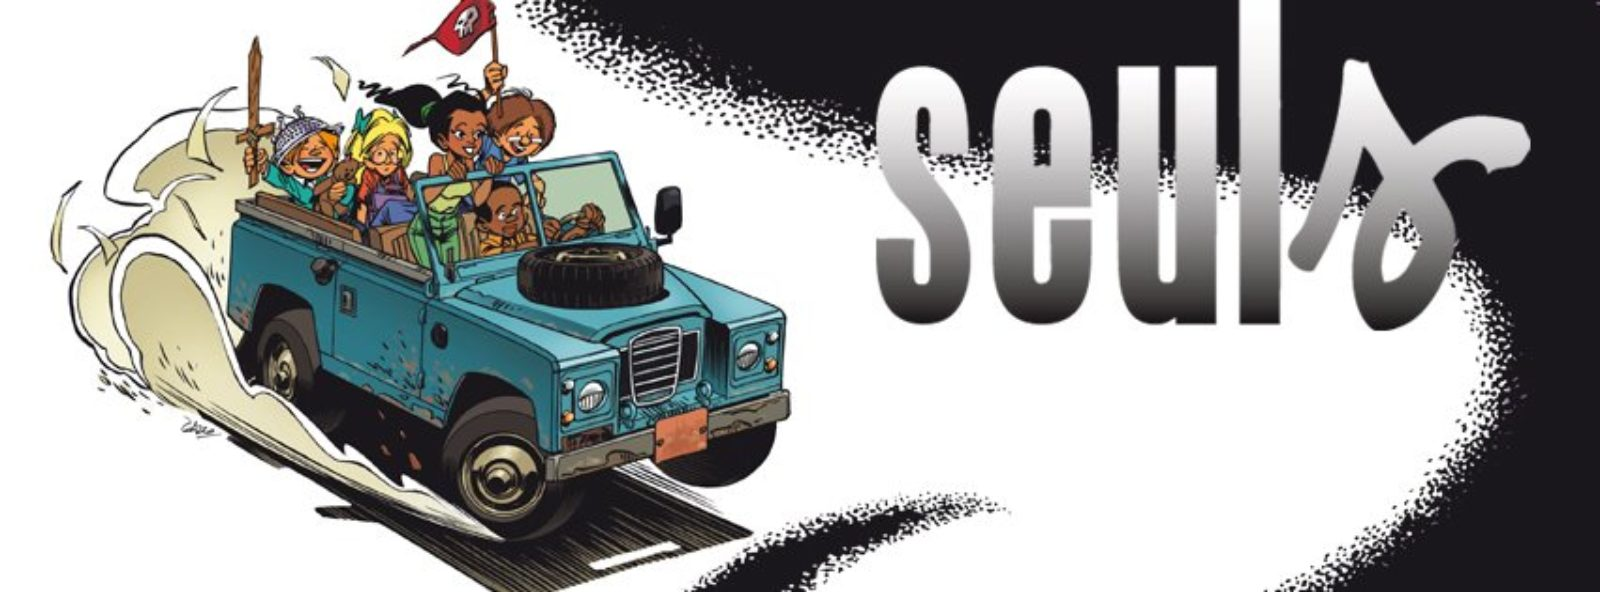 SEULS et FRNCK : 2 séries BD pour faire lire les garçons